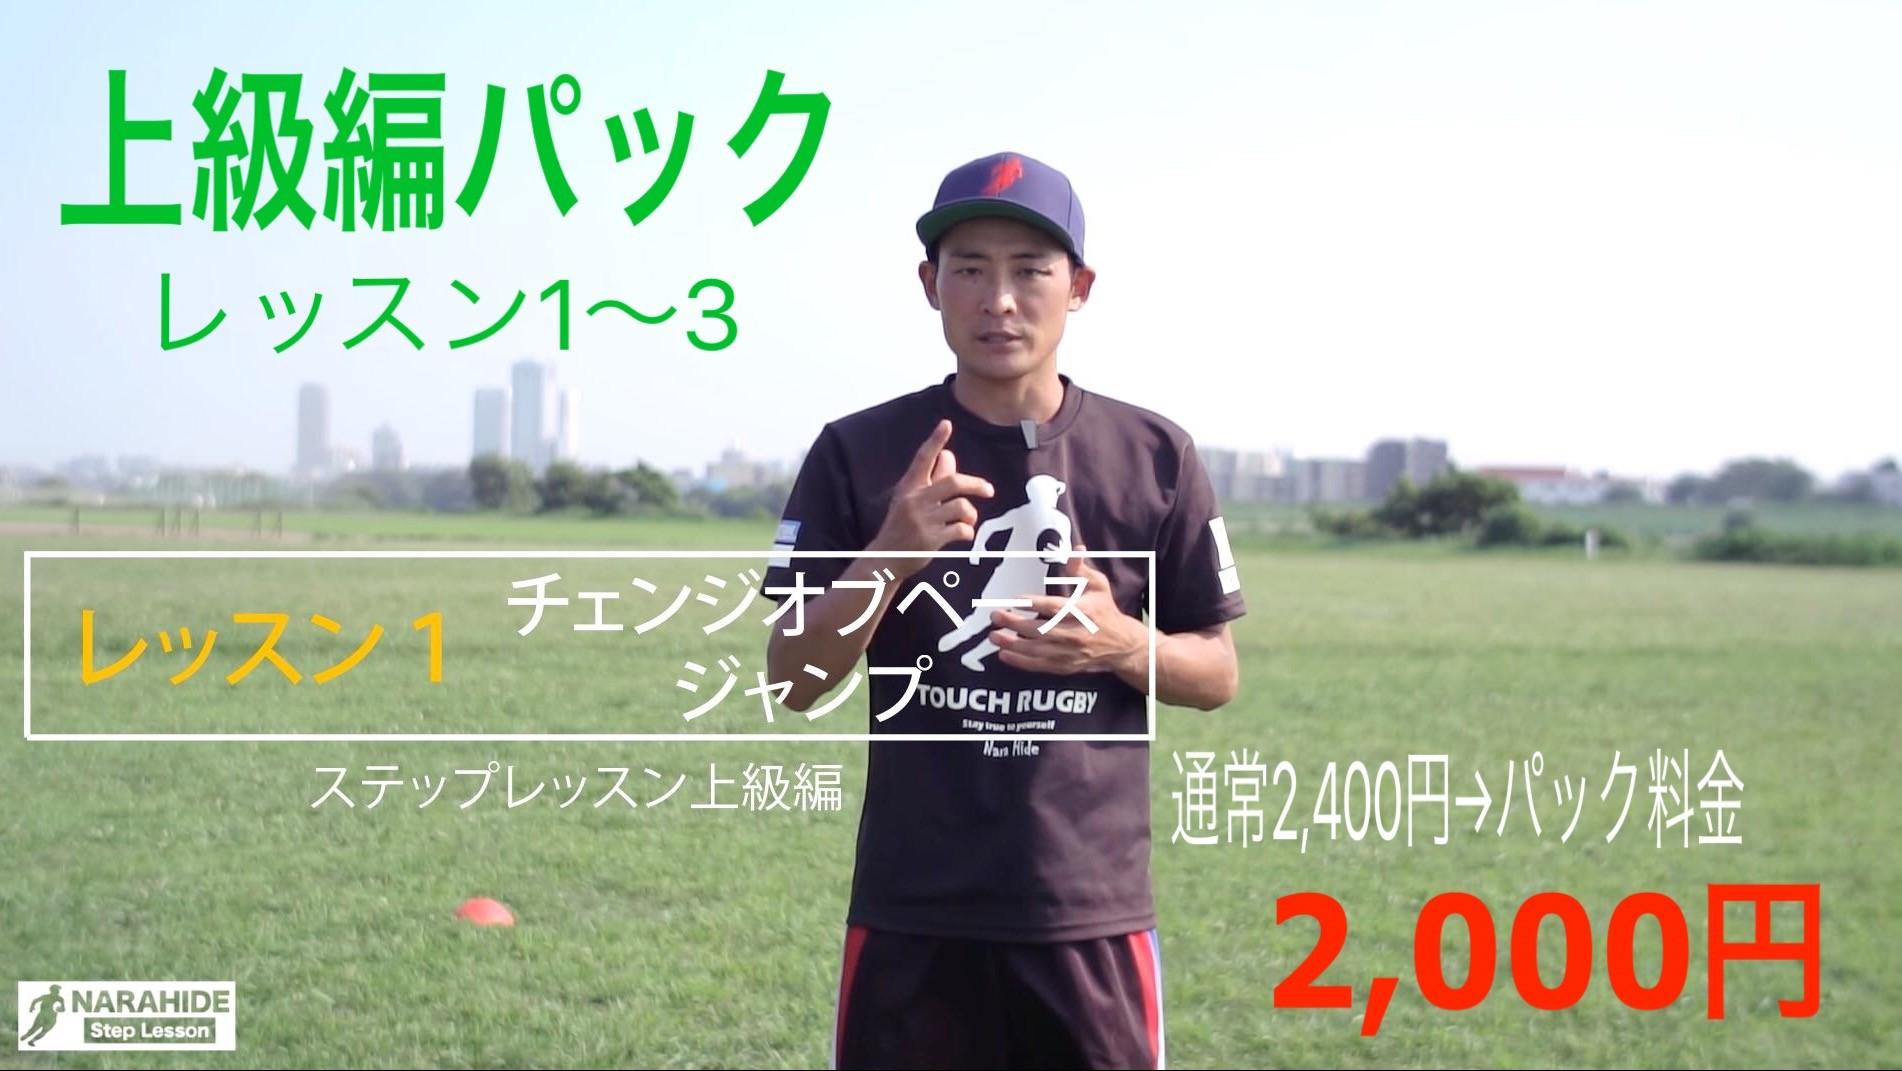 【ラグビー】上級編レッスン1~3 ニュージーランド式ステップレッスン